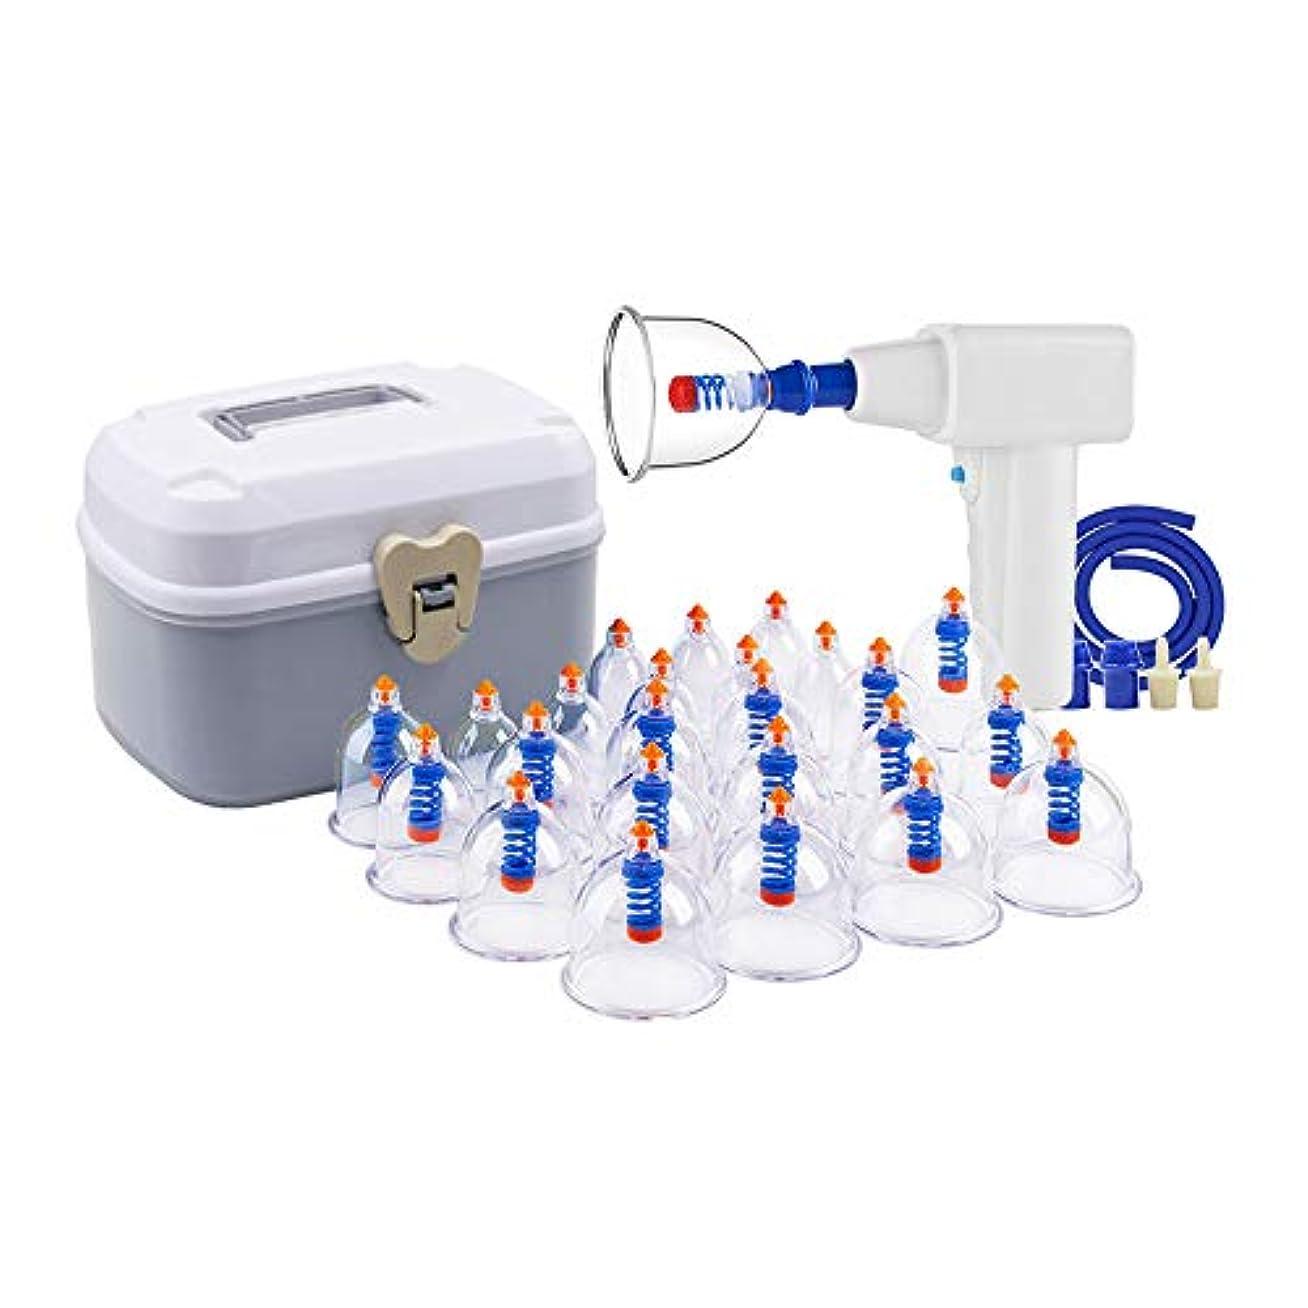 国民インターネット軍団カッピング装置 - 家庭用電気プロフェッショナルカッピング治療装置24カップは、大人と高齢者に適したポンプと伸展チューブで設定 美しさ